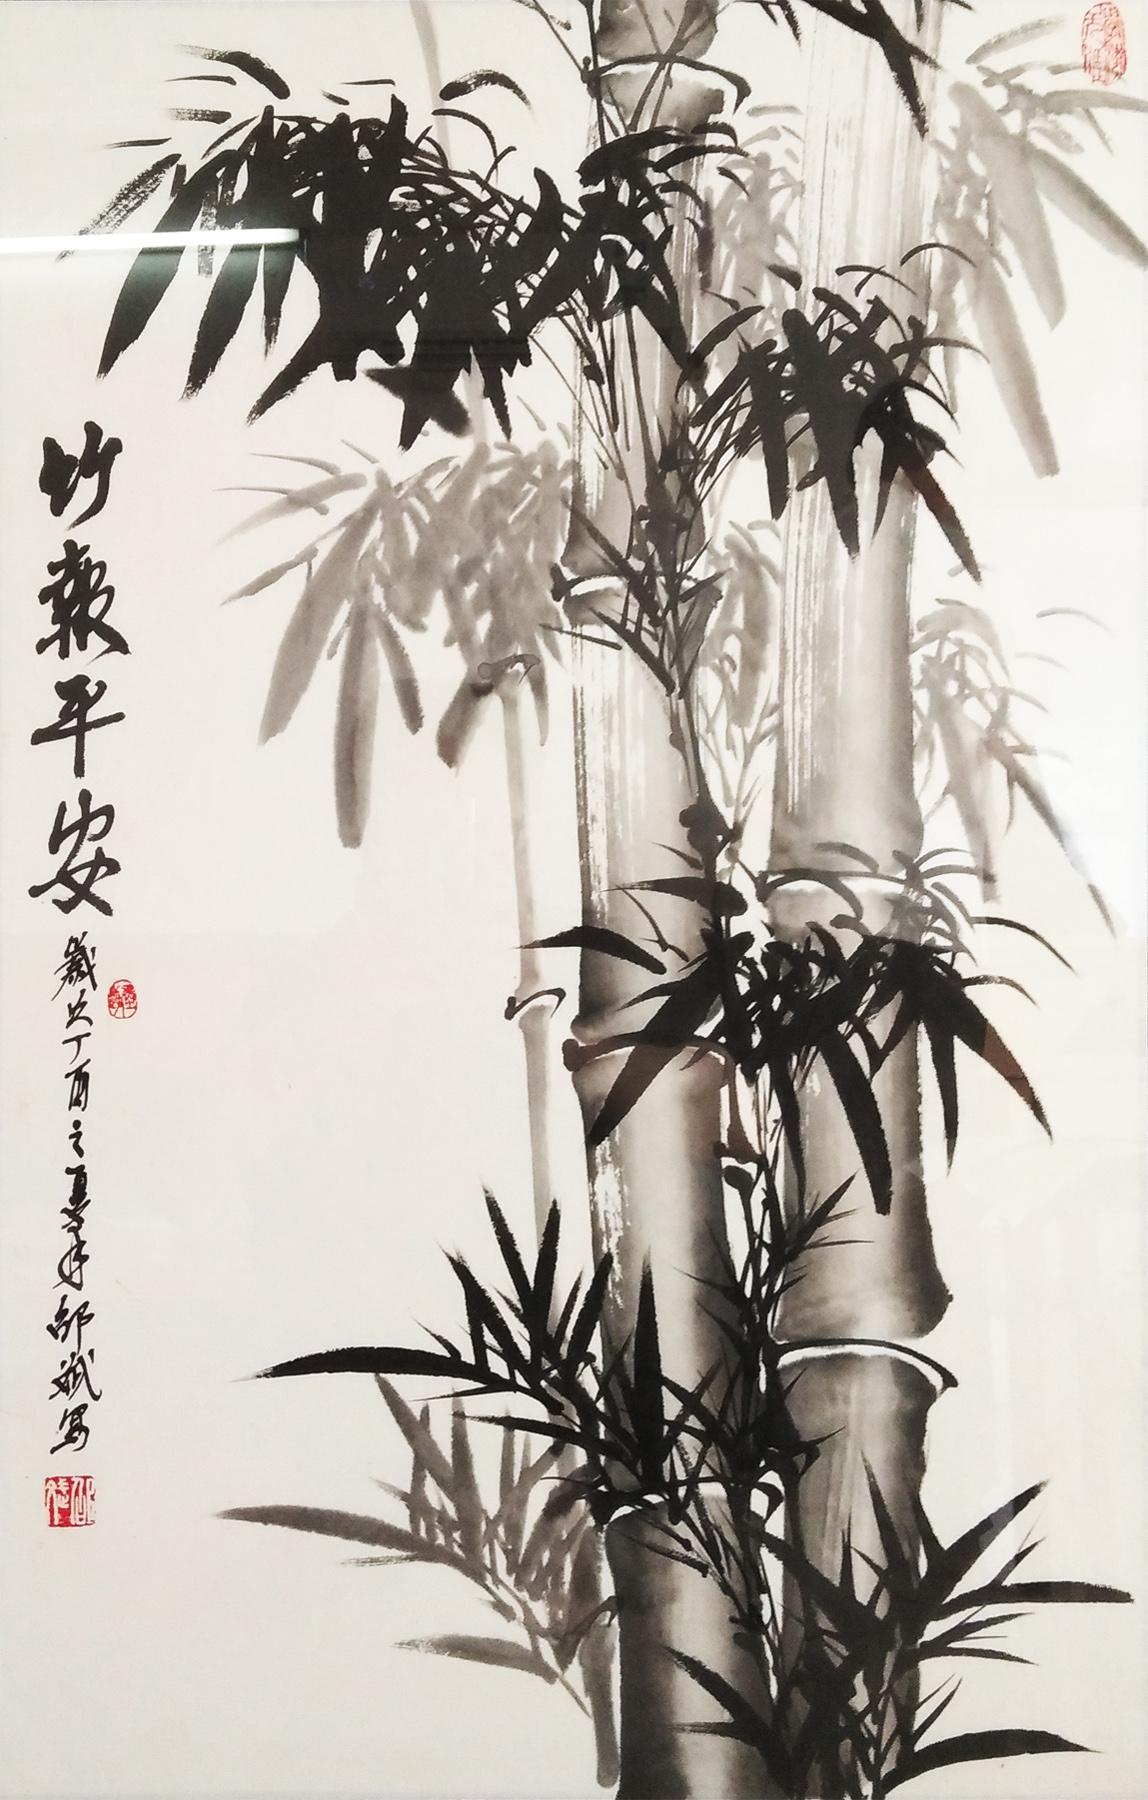 竹报平安 条幅 丁酉之夏